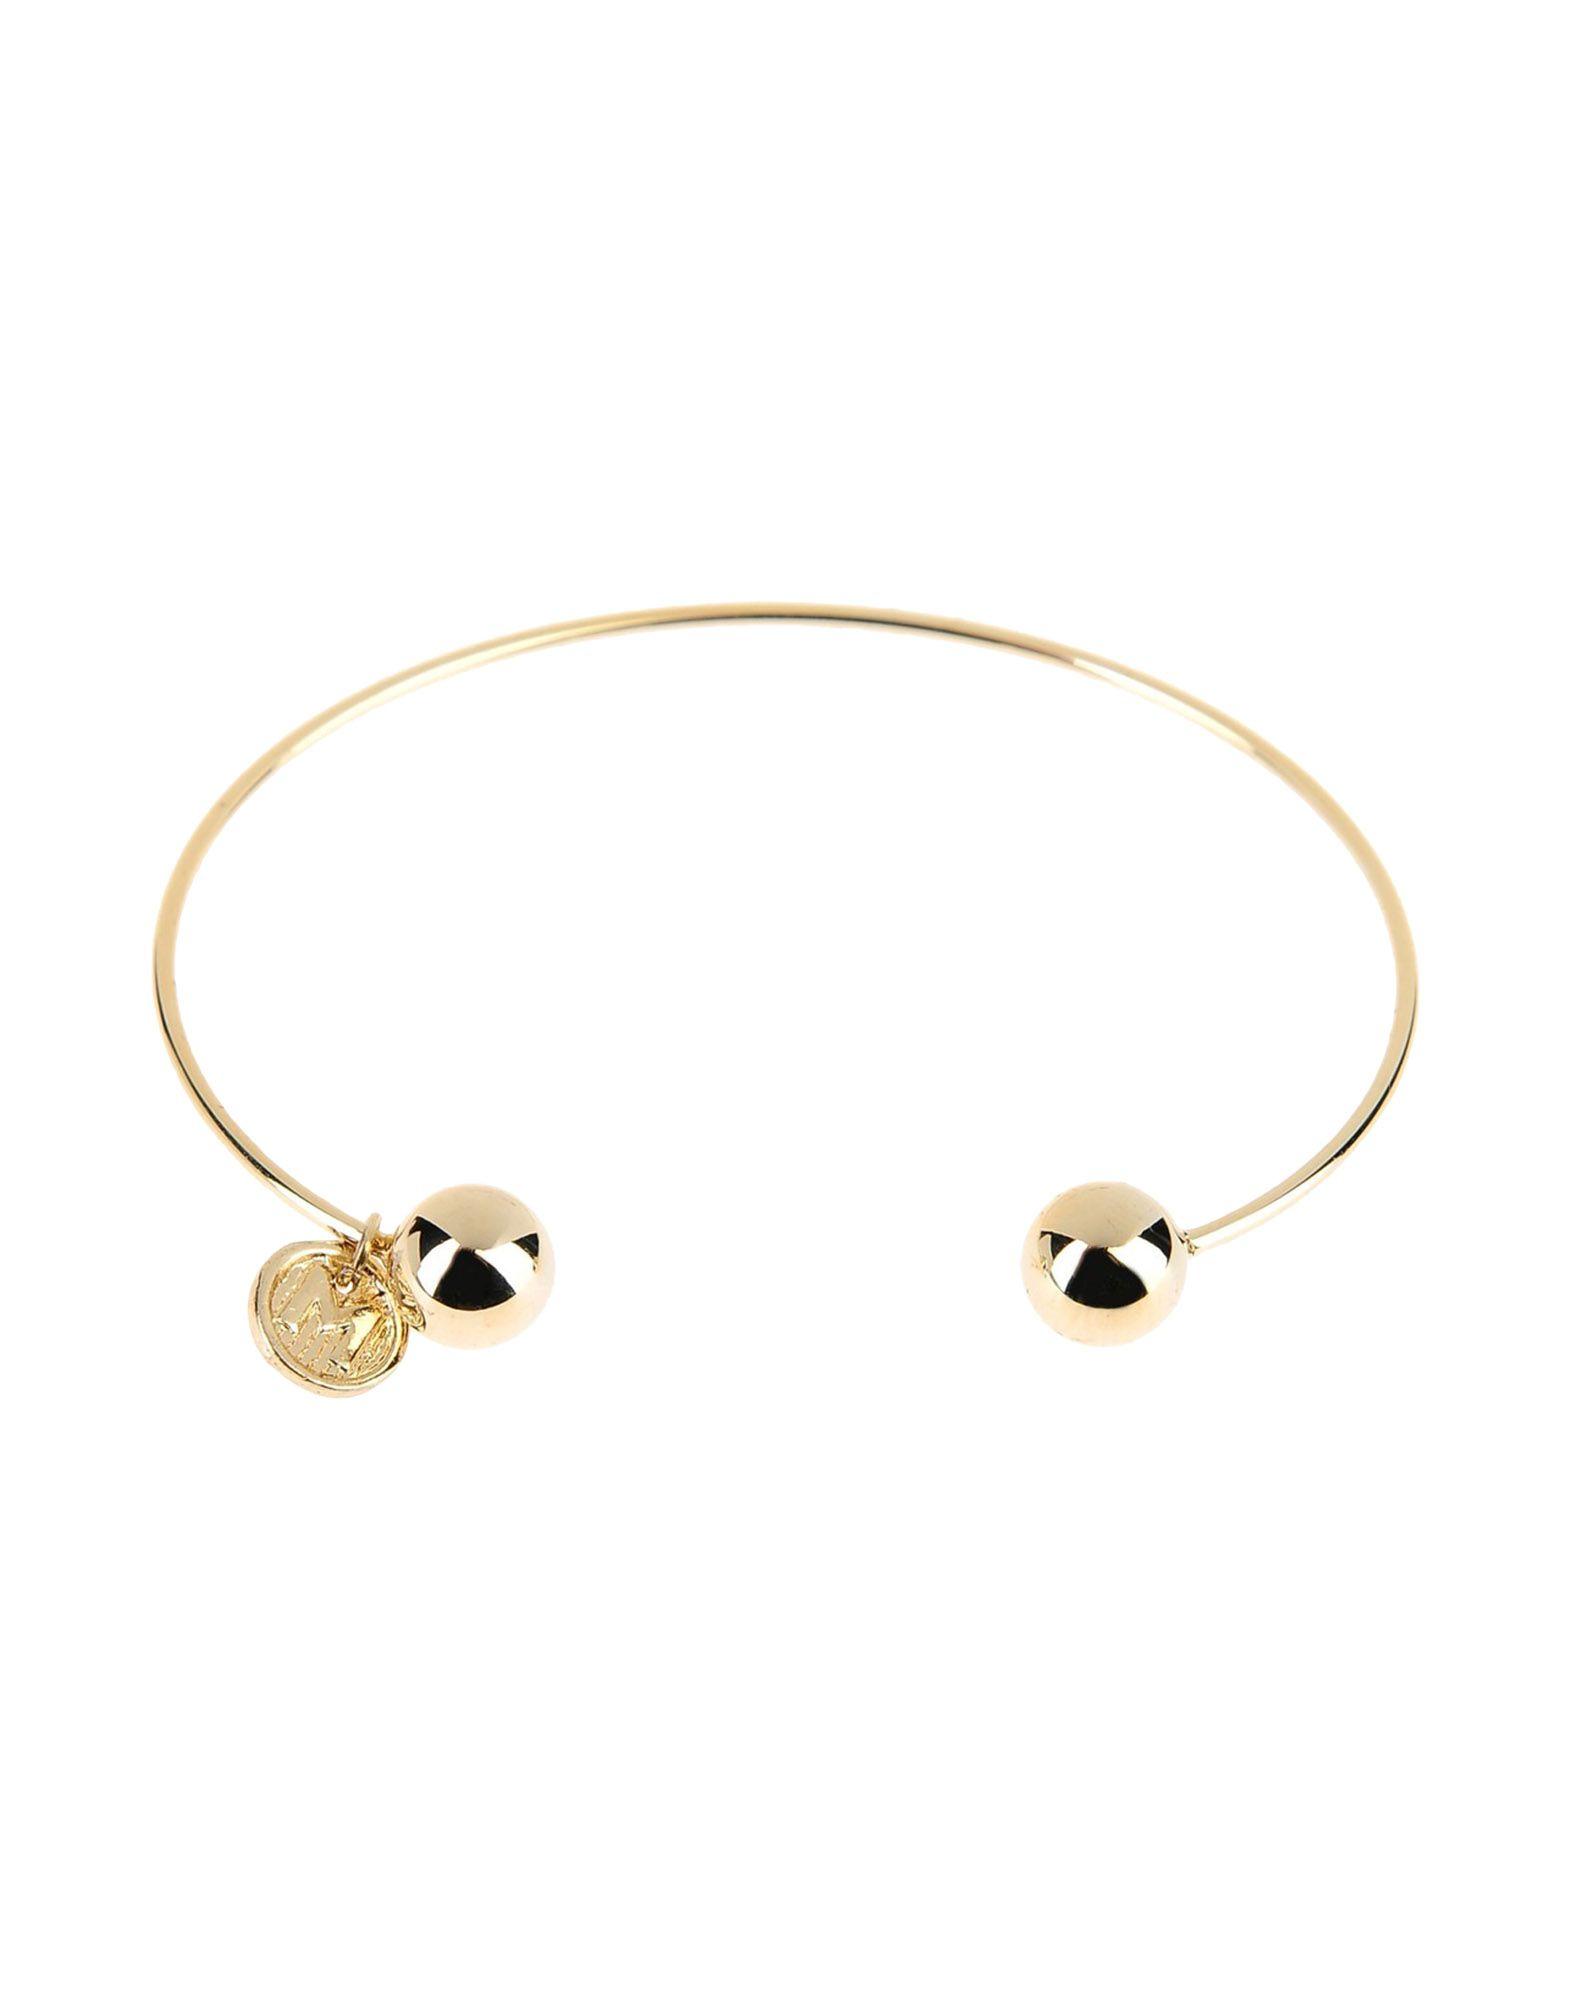 Bijoux - Bracelets Maiocci hAYwOW